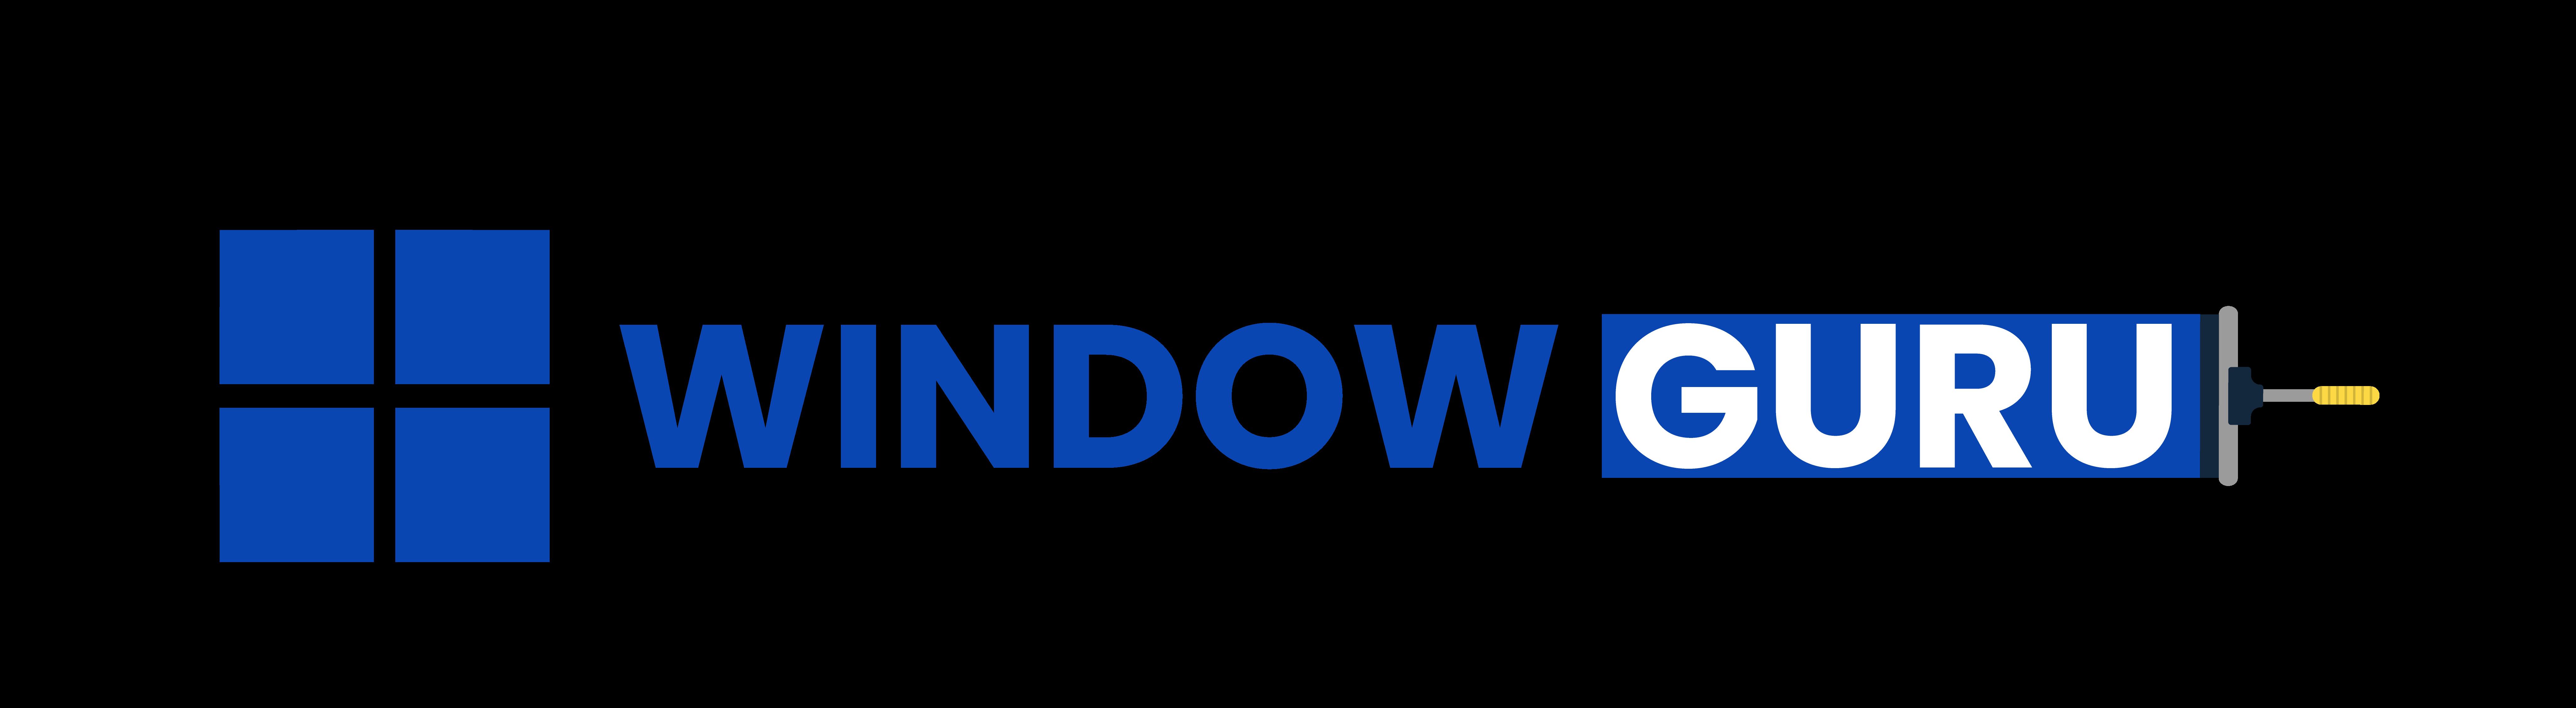 Window Guru -Window Cleaners Ottawa